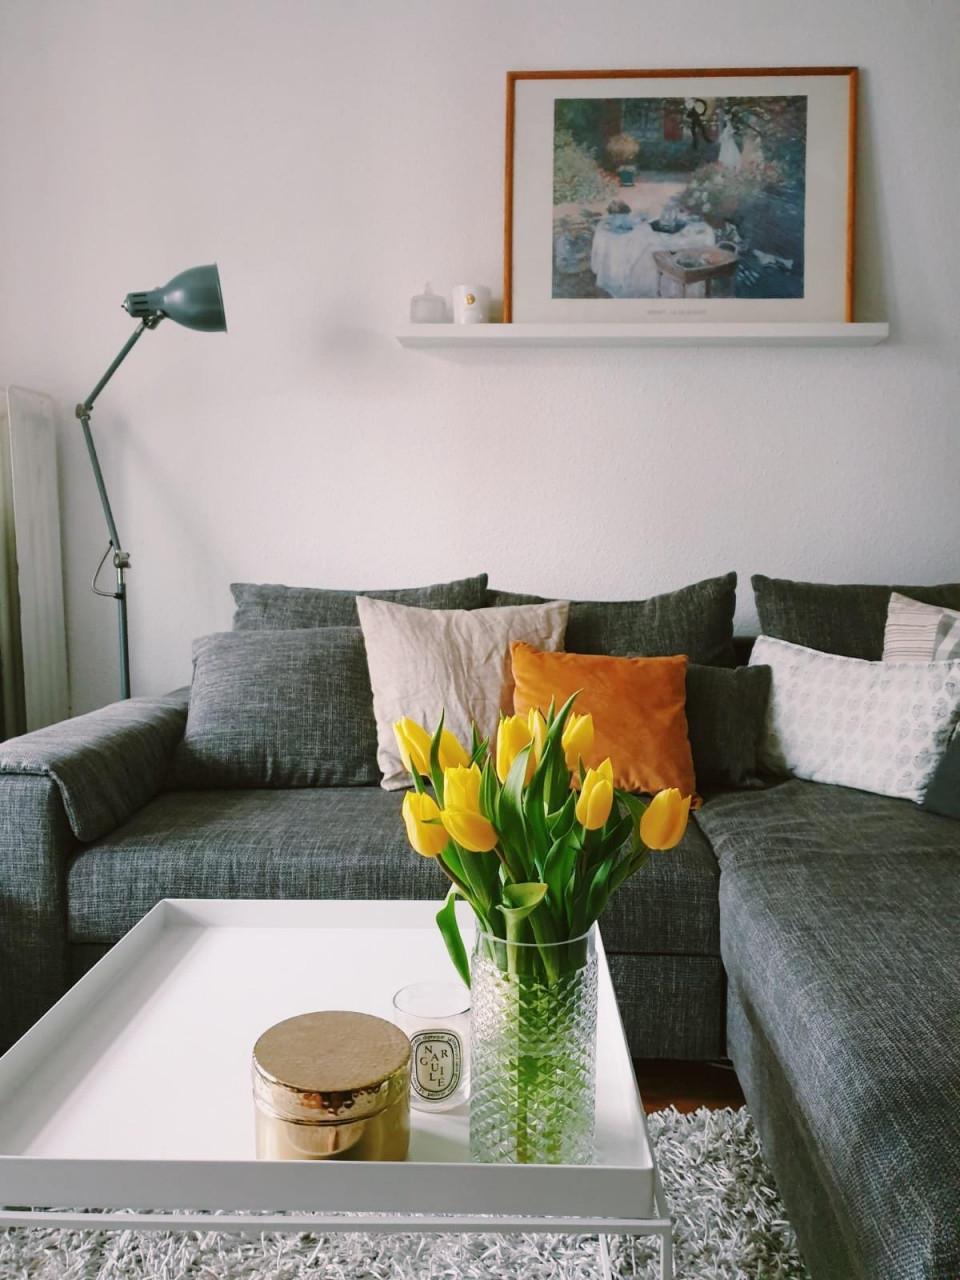 Farben Im Wohnzimmer So Wird's Gemütlich von Coole Wohnzimmer Ideen Photo